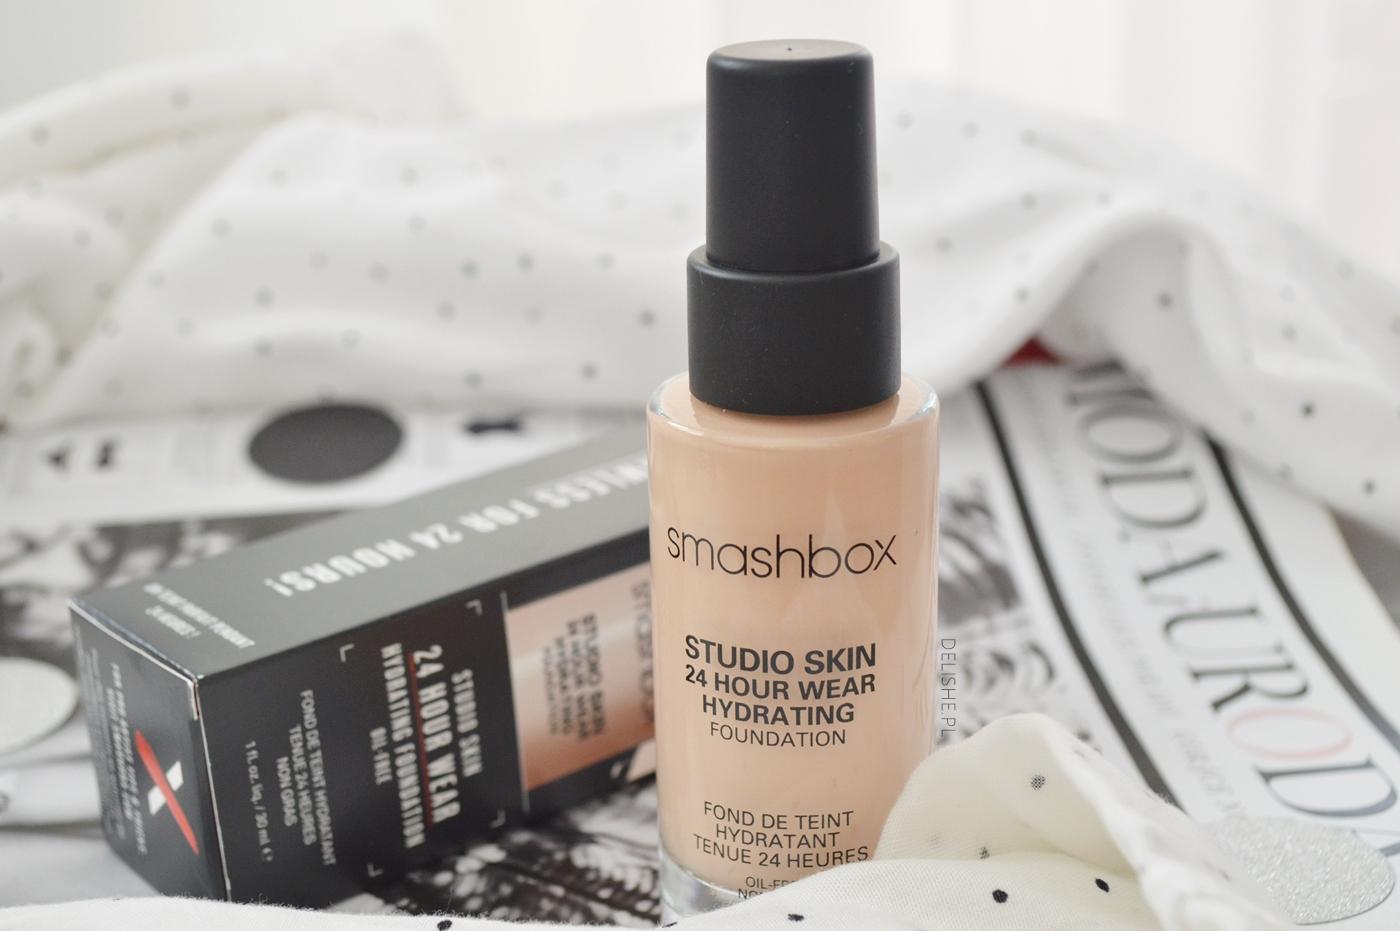 Podkład Smashbox Studio Skin ulubieńcy kosmetyczni 2020 roku